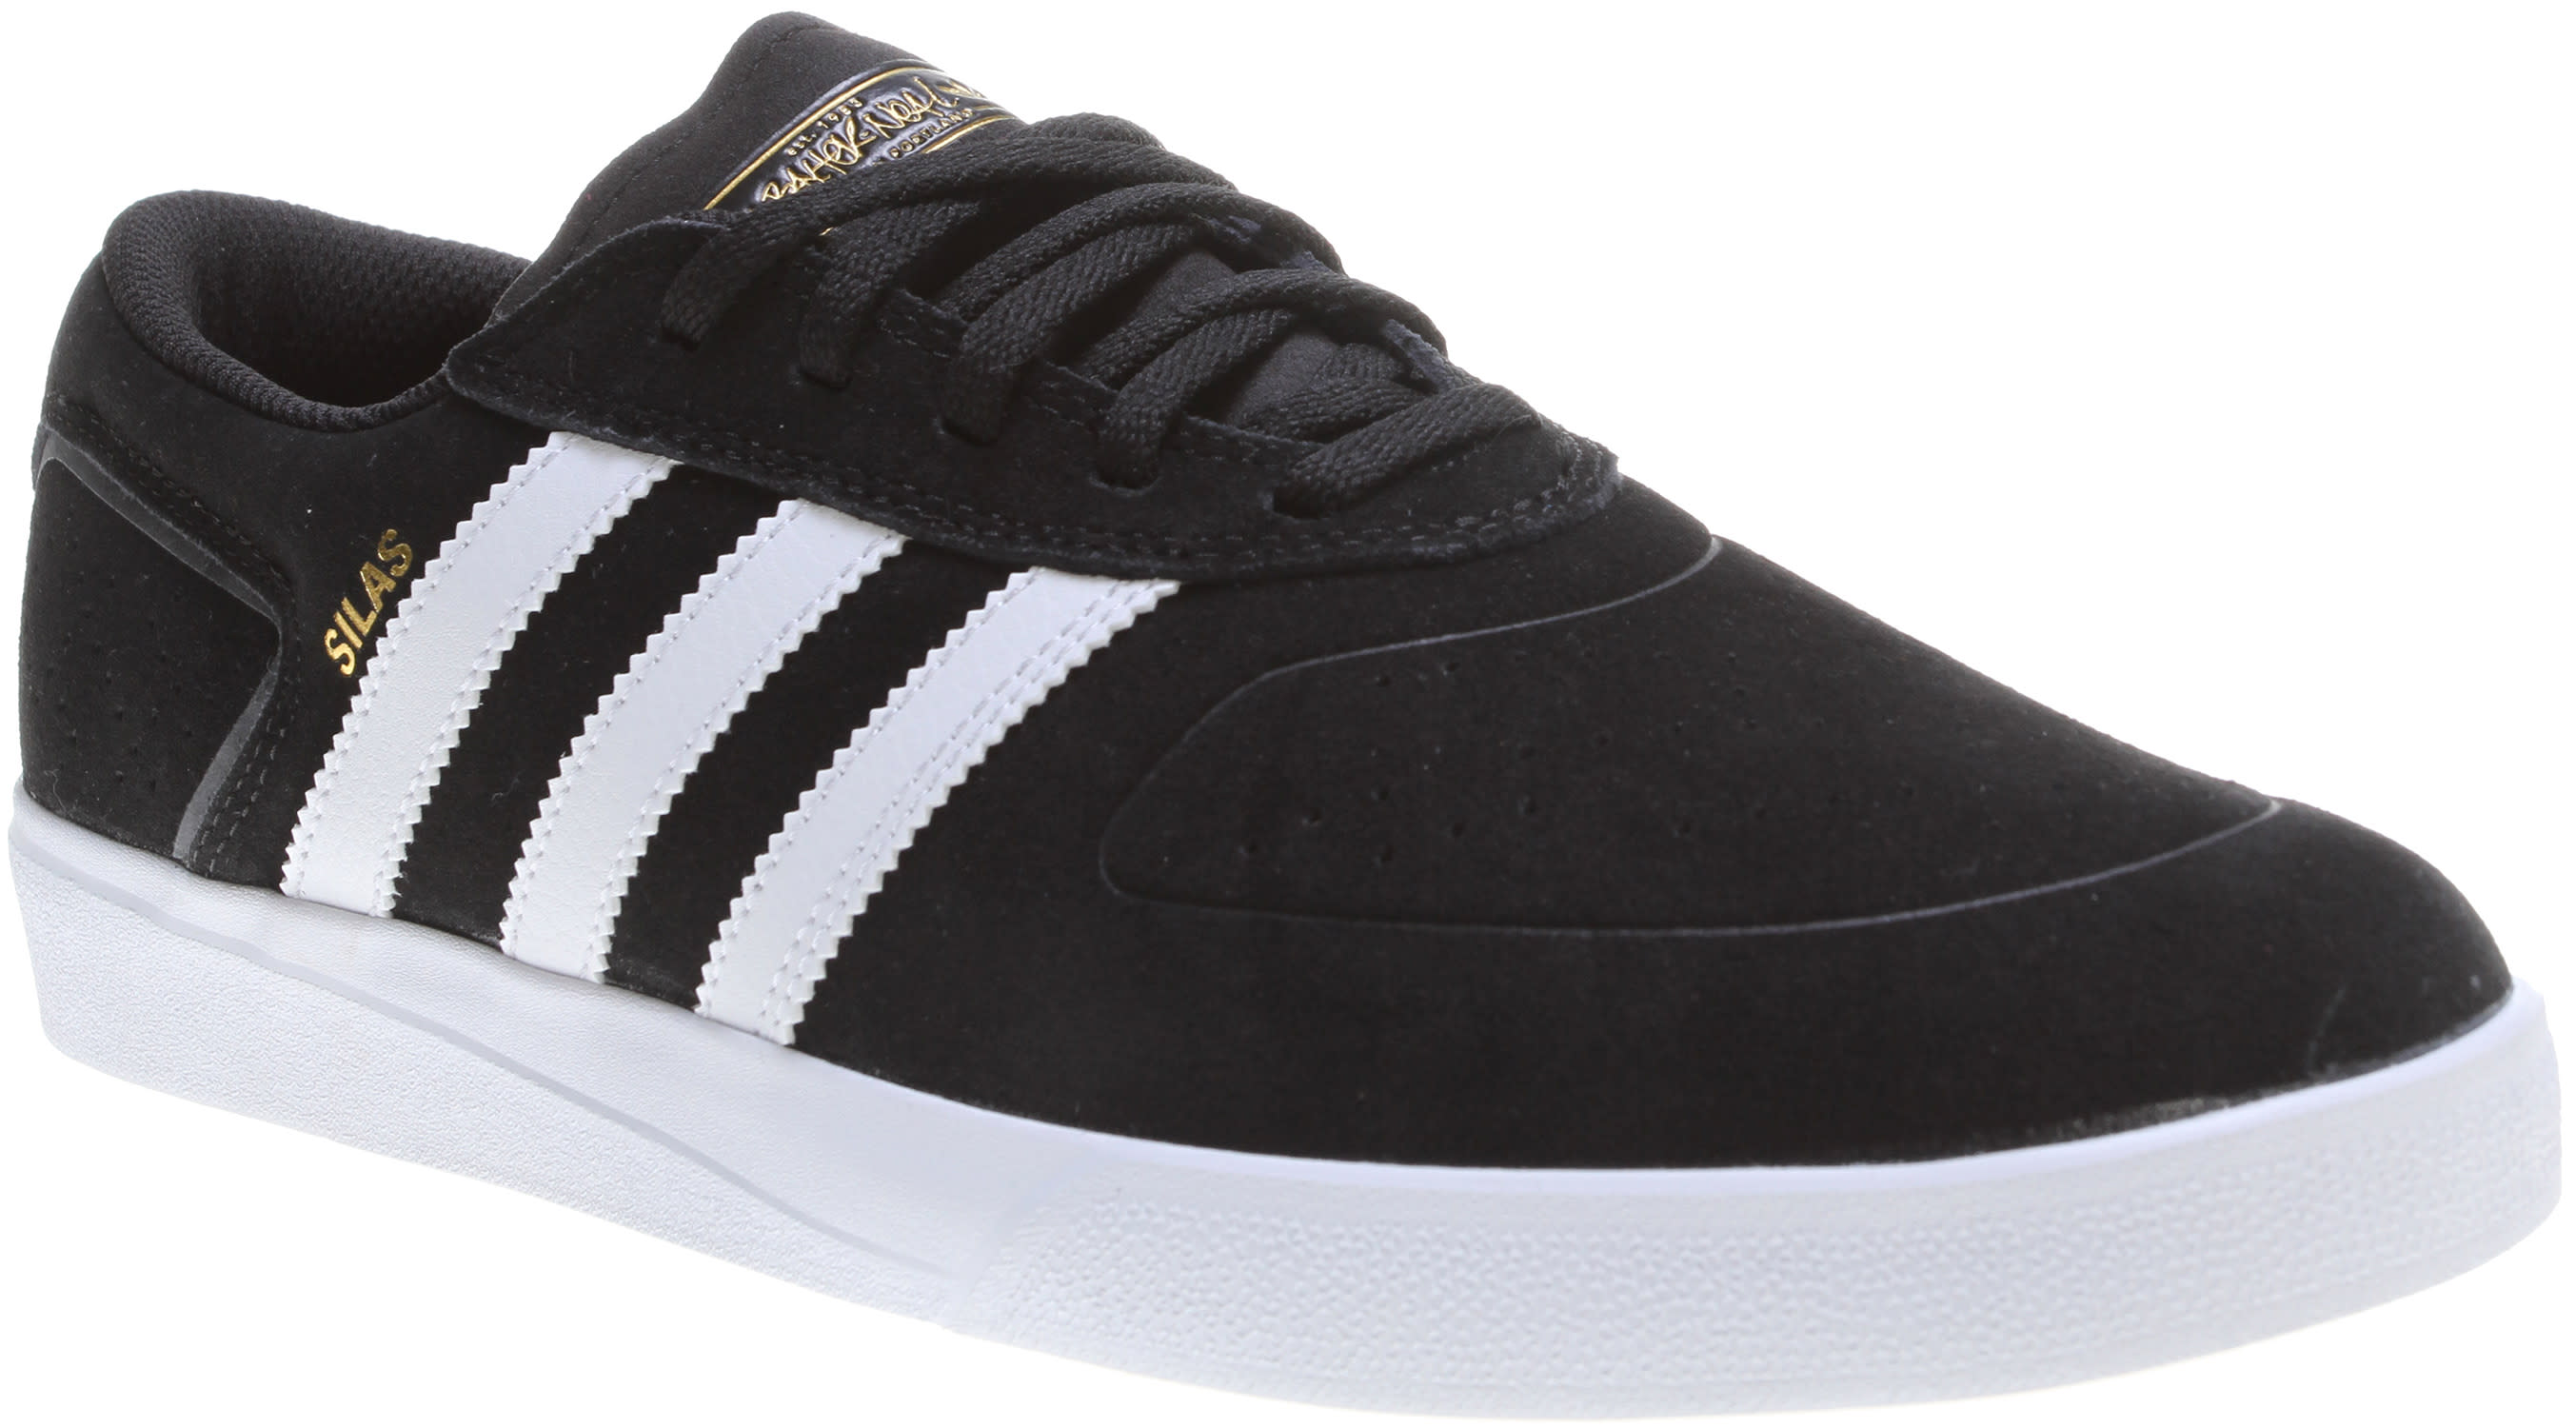 ... get adidas silas vulc skate shoes thumbnail 2 e3d8a f80ac b139436c8